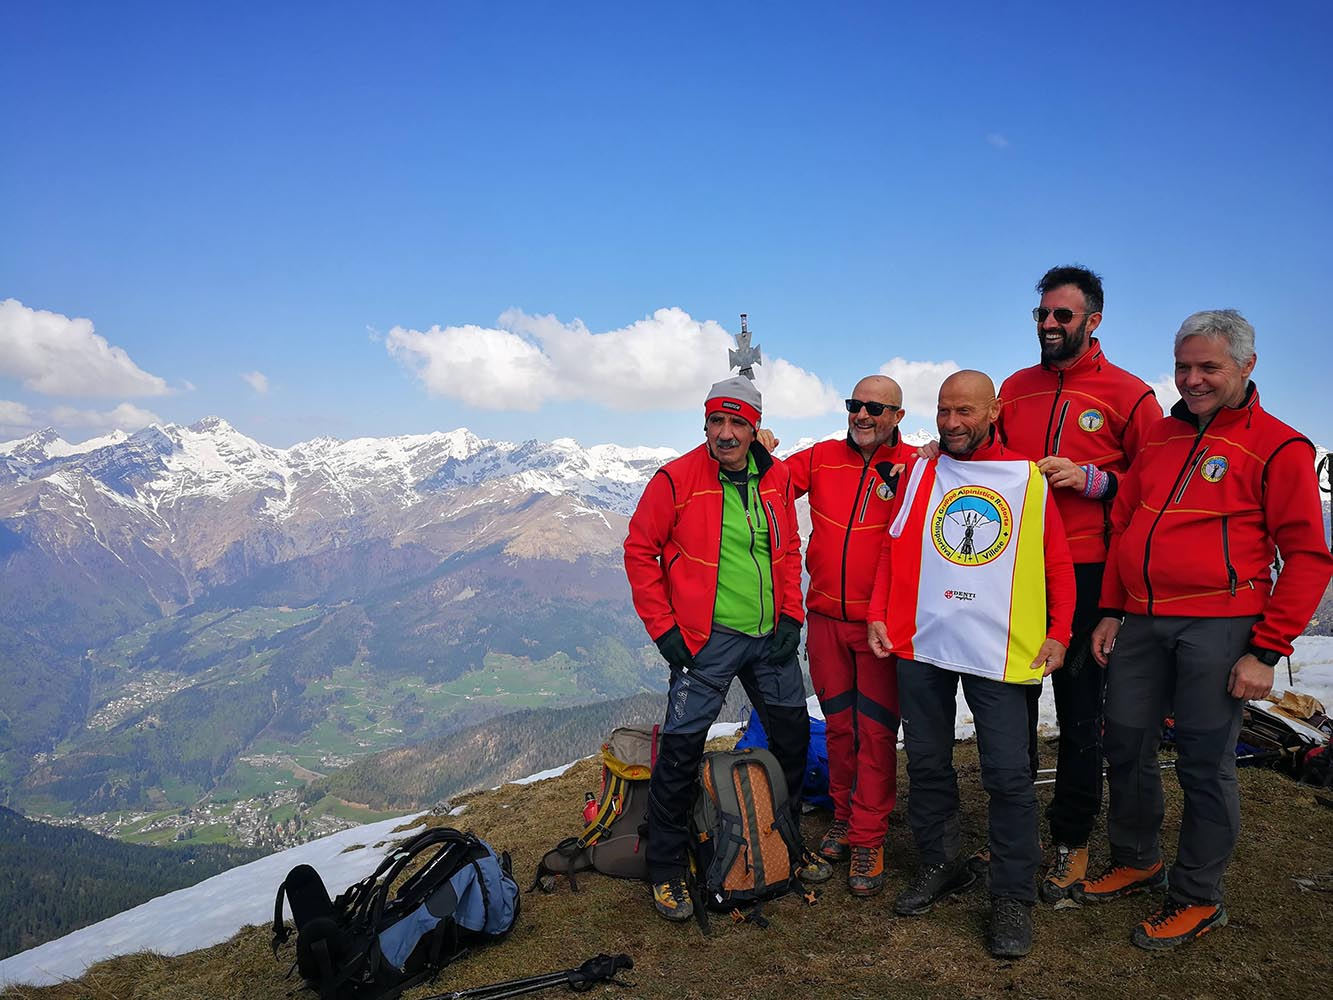 gruppo alpinistico redorta villa di serio